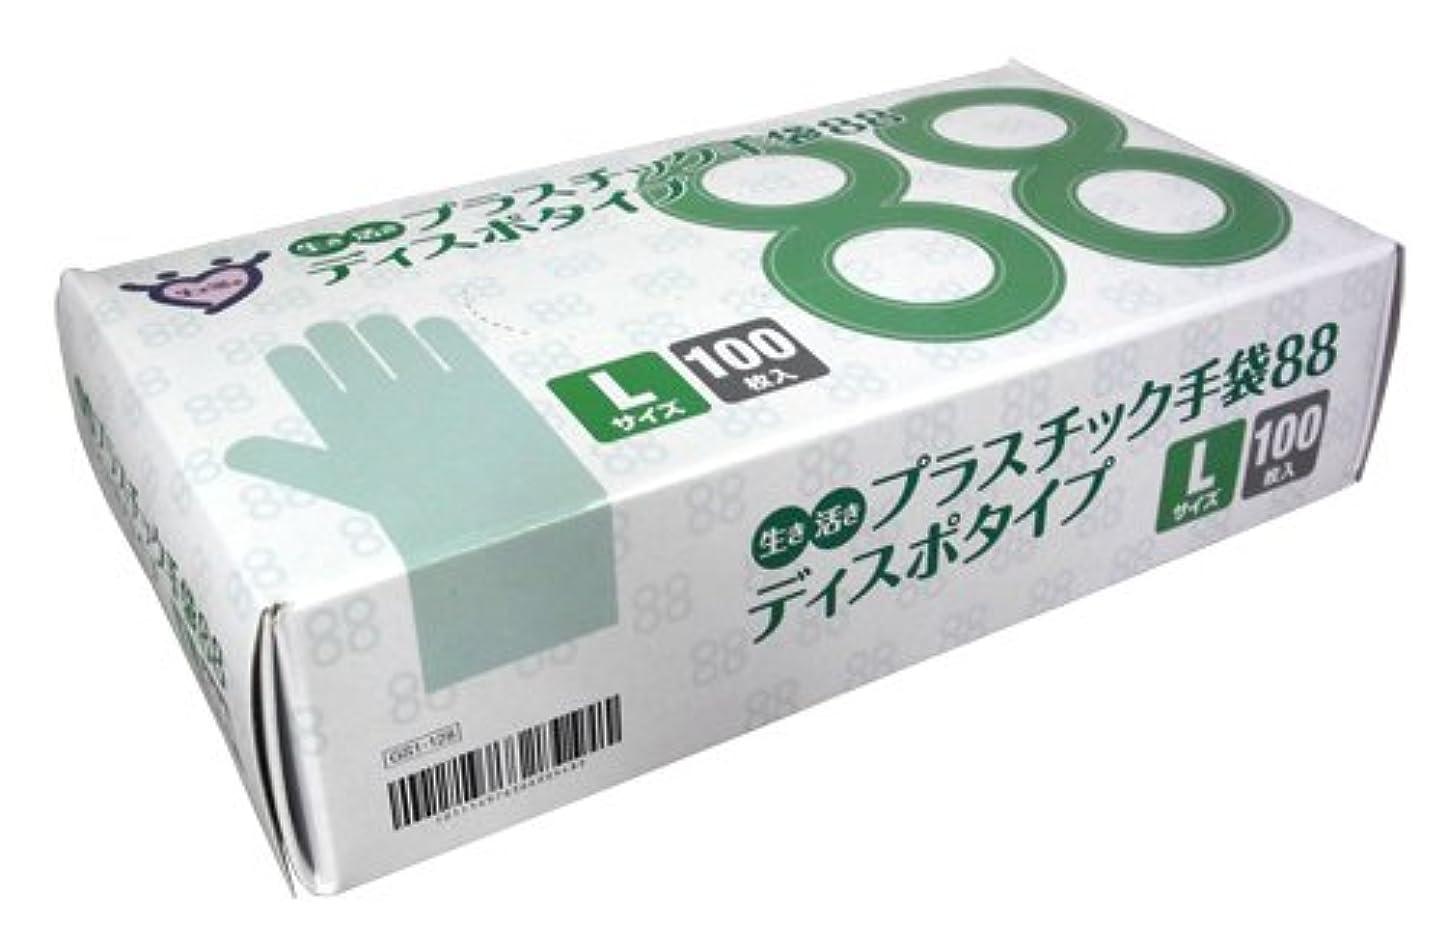 クルーズ報告書前兆生き活きプラスチック手袋88 Lサイズ 100枚入 ×20箱(1ケース)